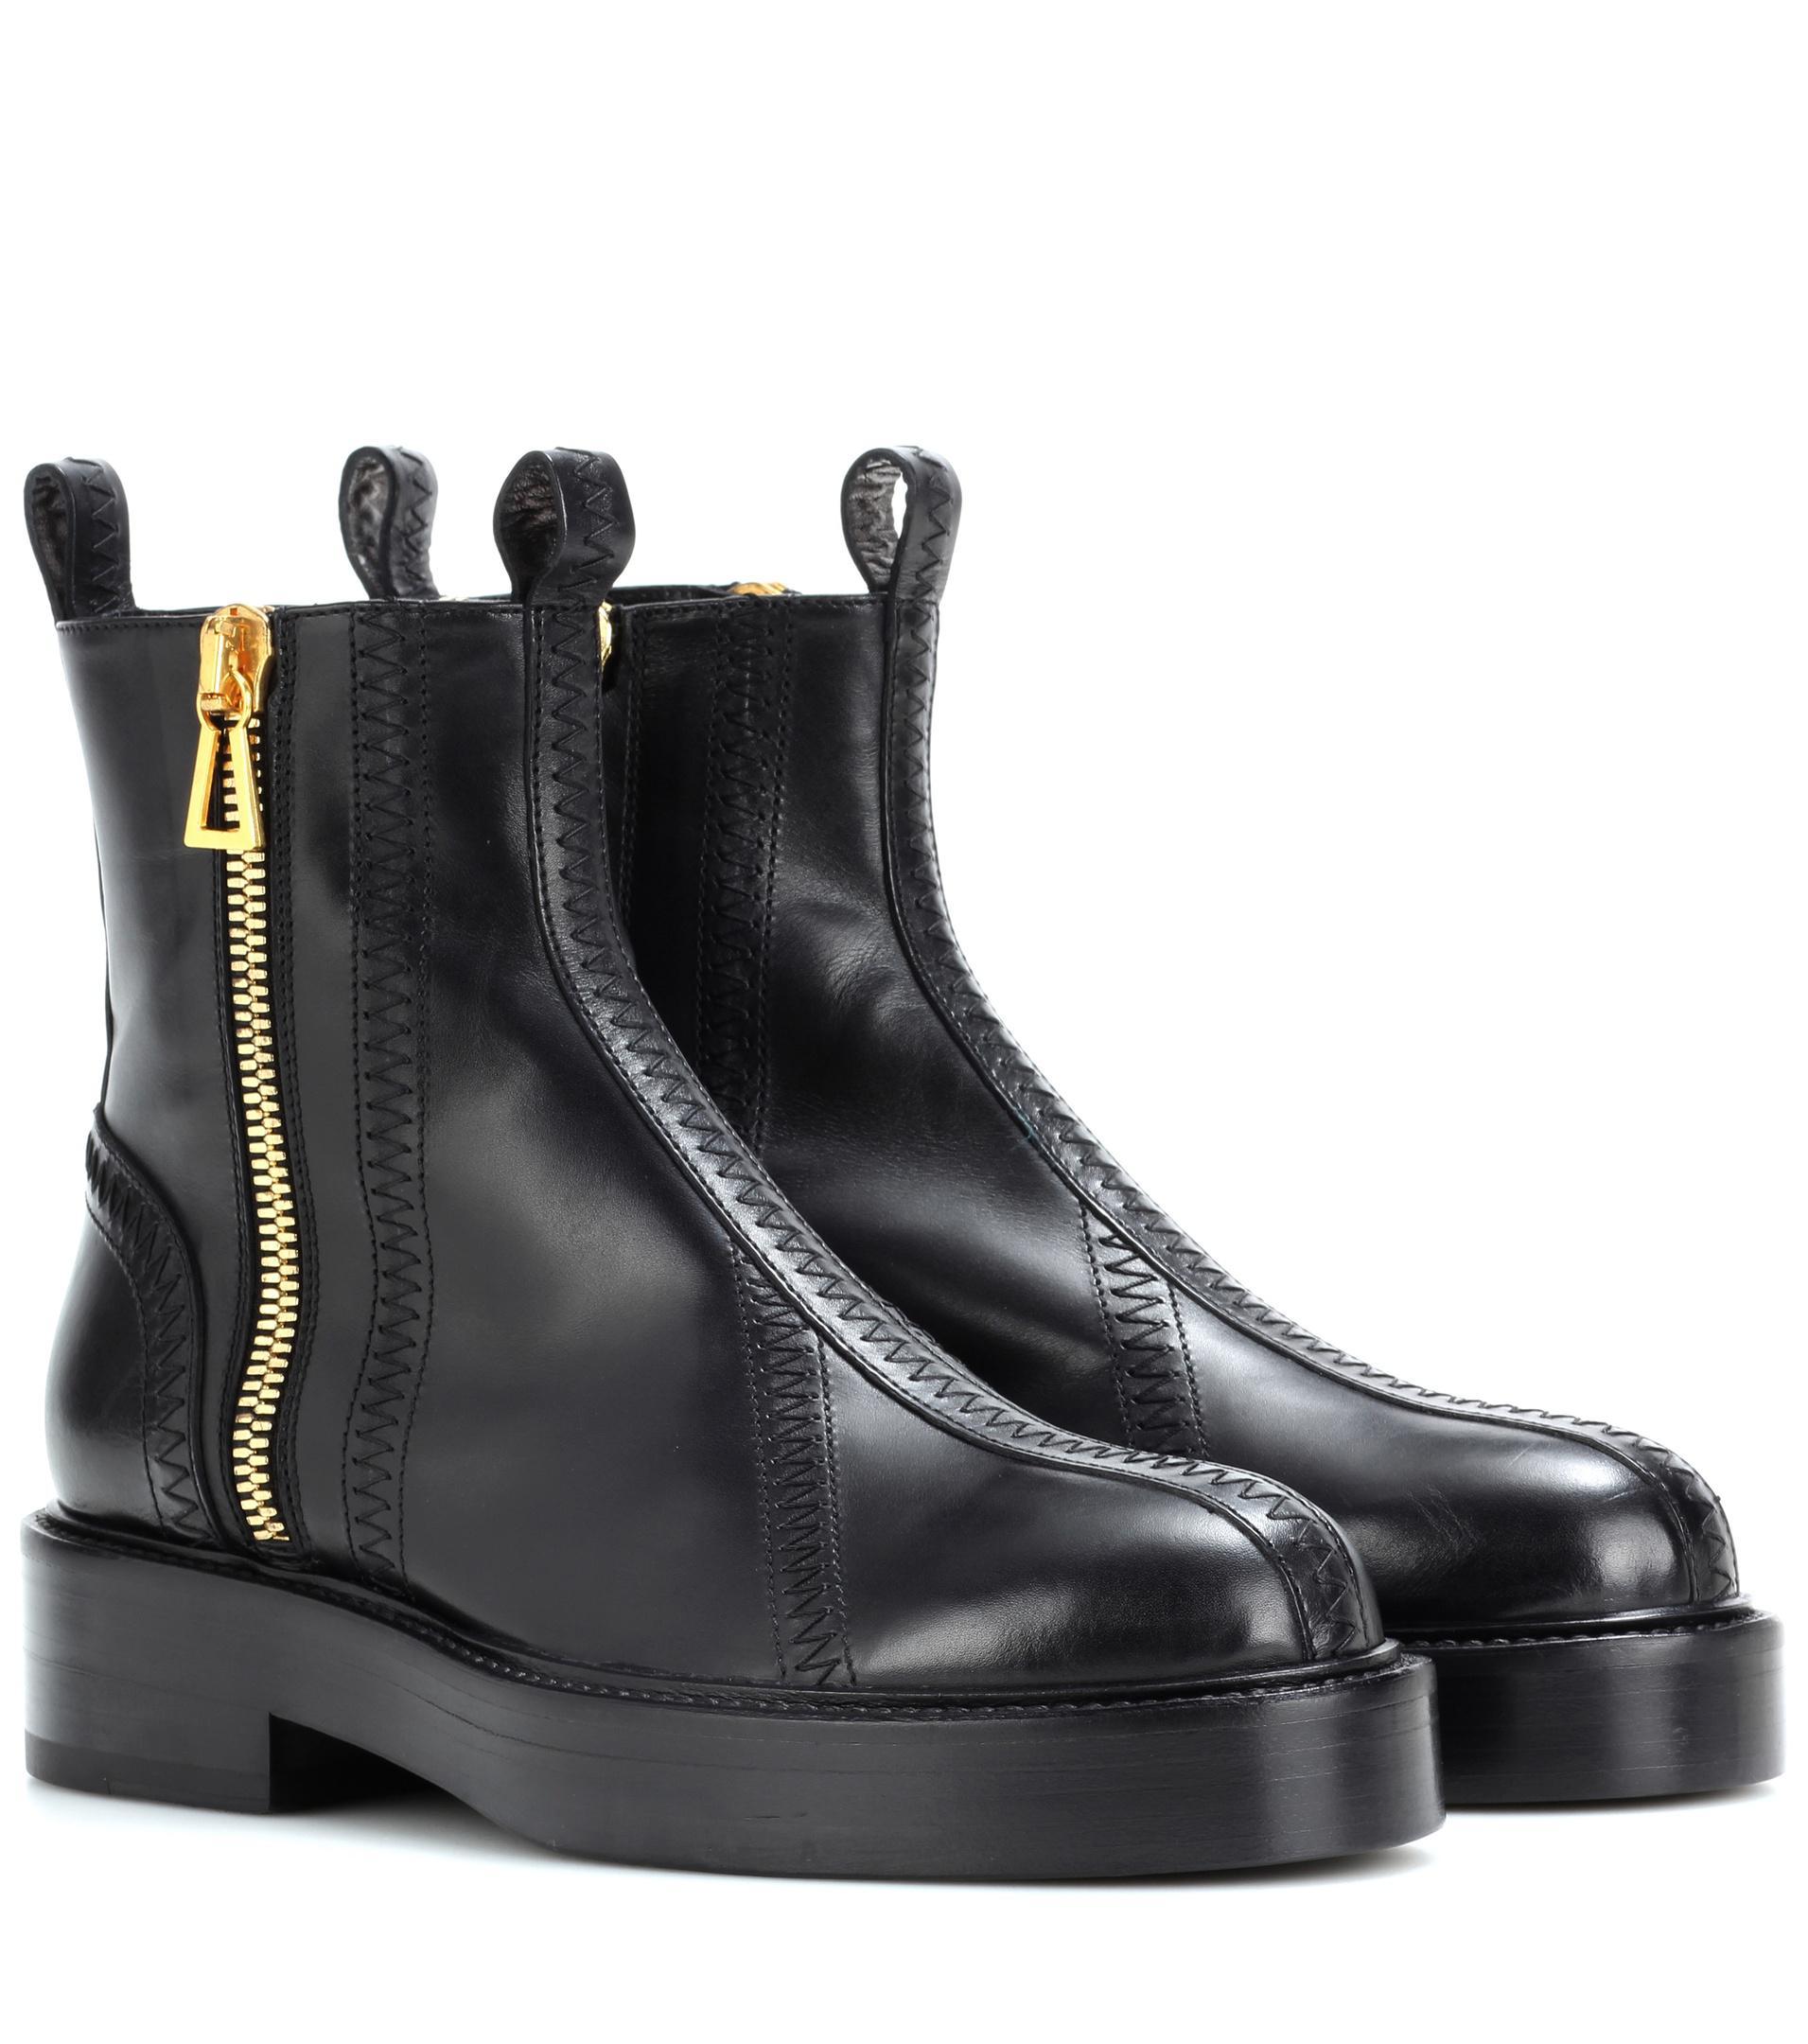 Ellery Venus leather ankle boots lmv7yat